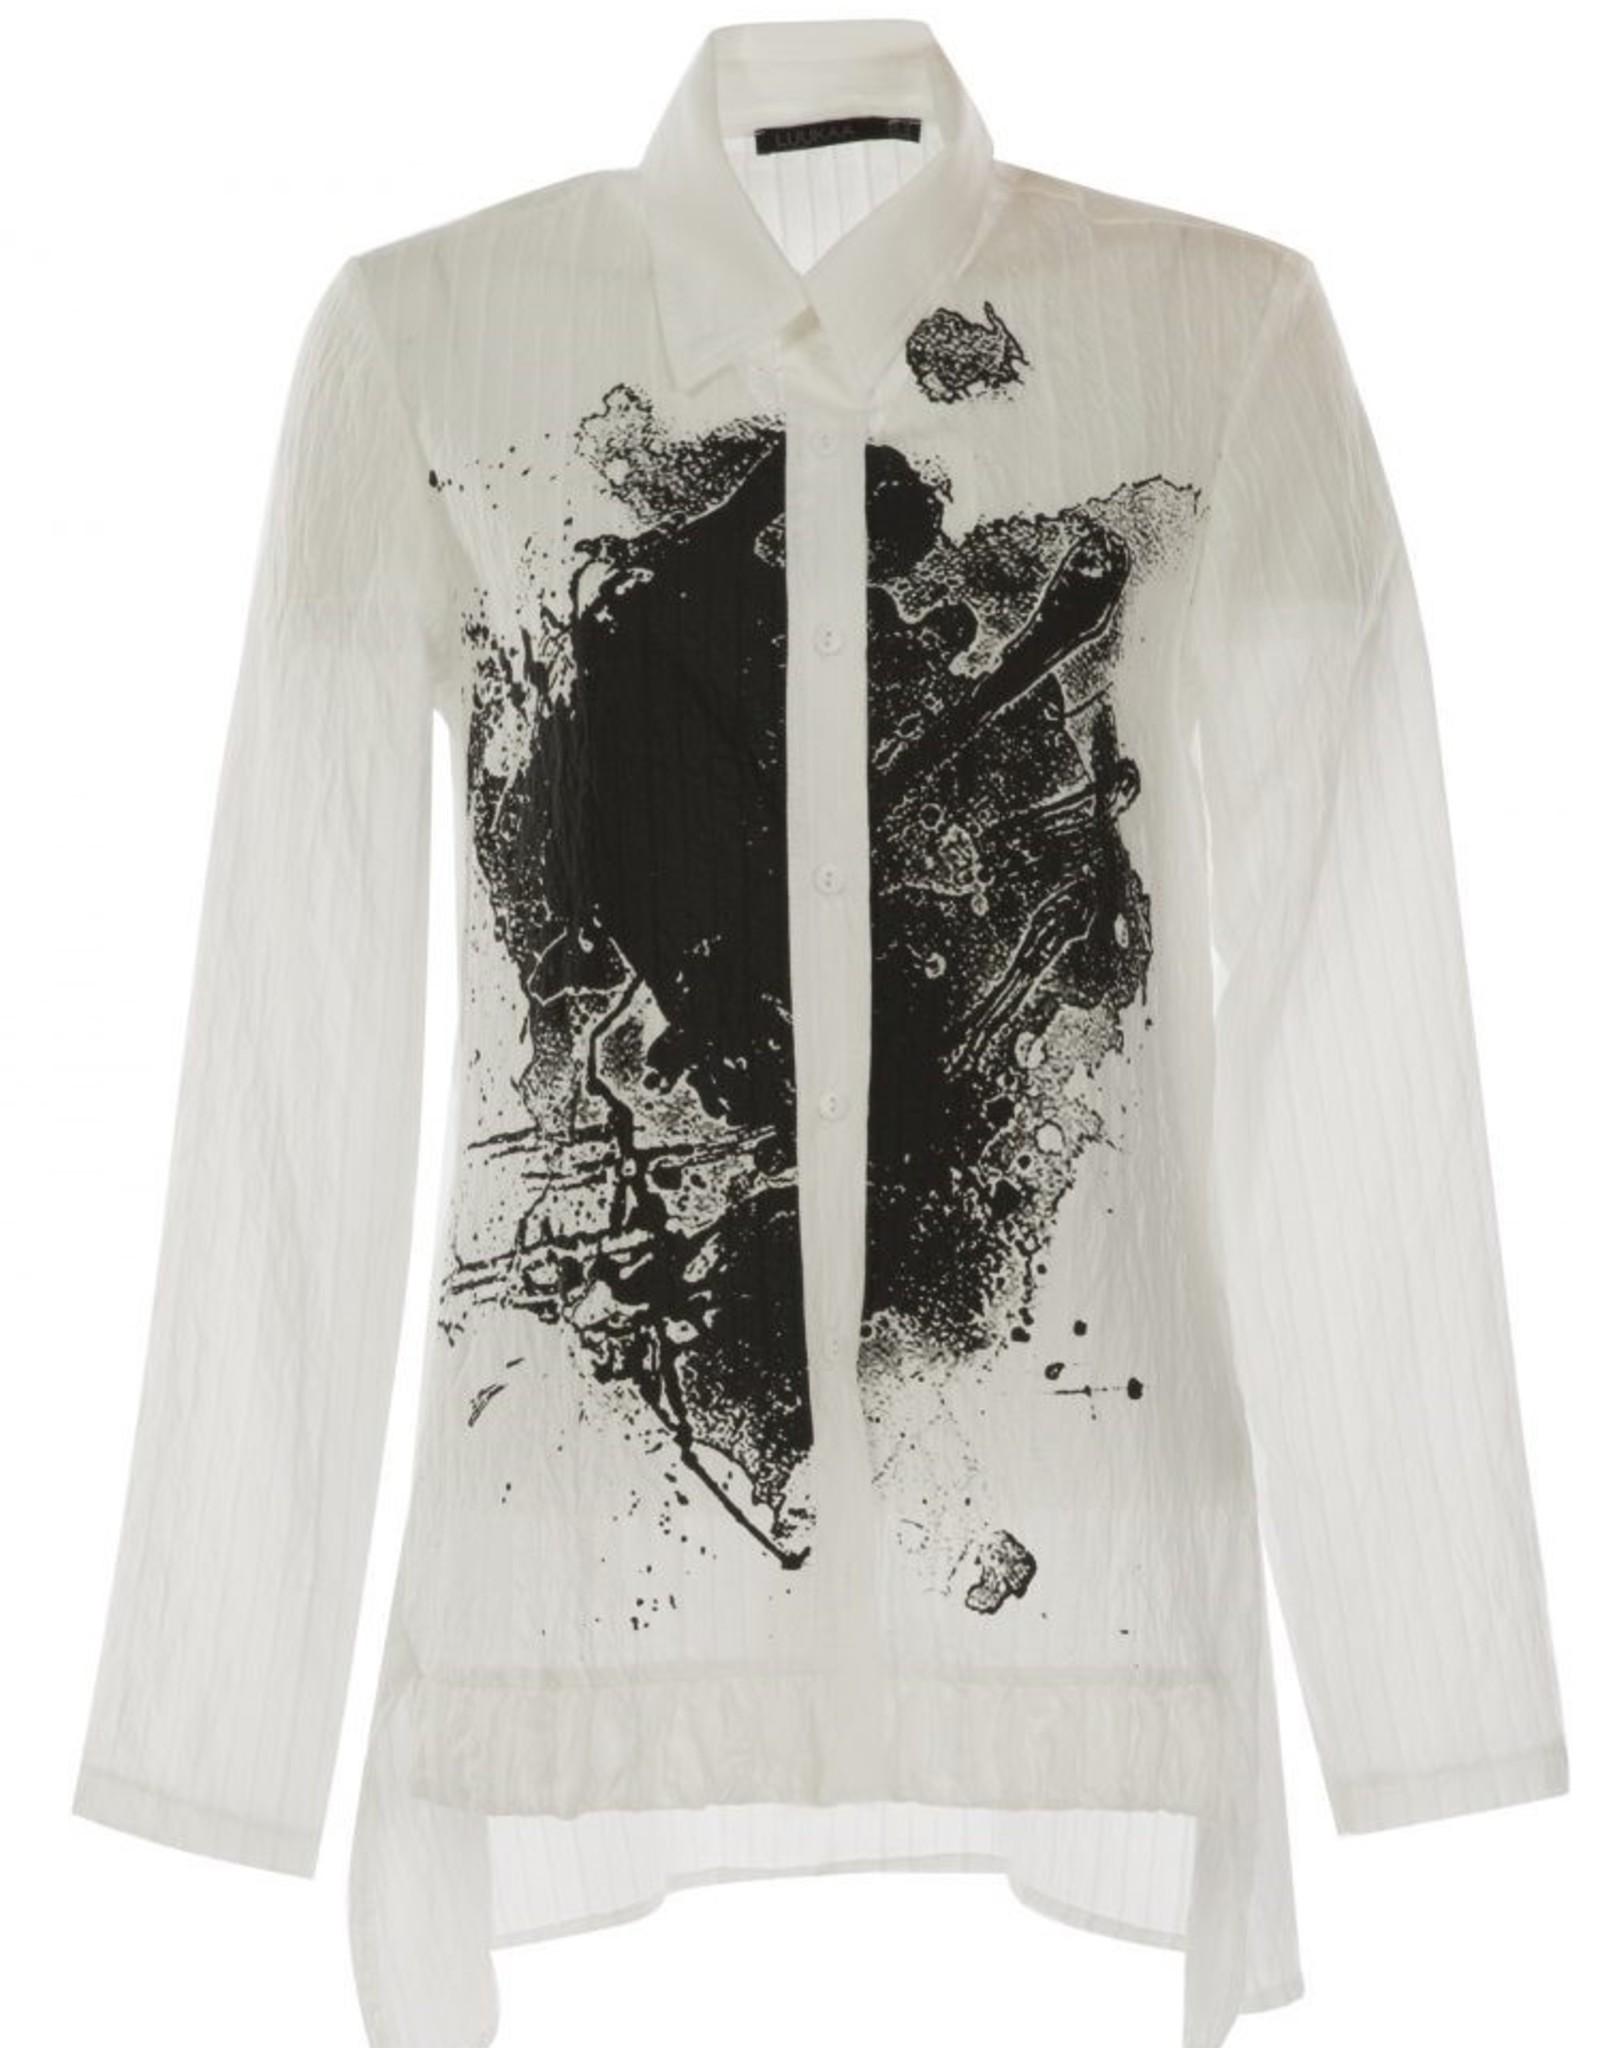 LUUKAA 20k111 eva blouse